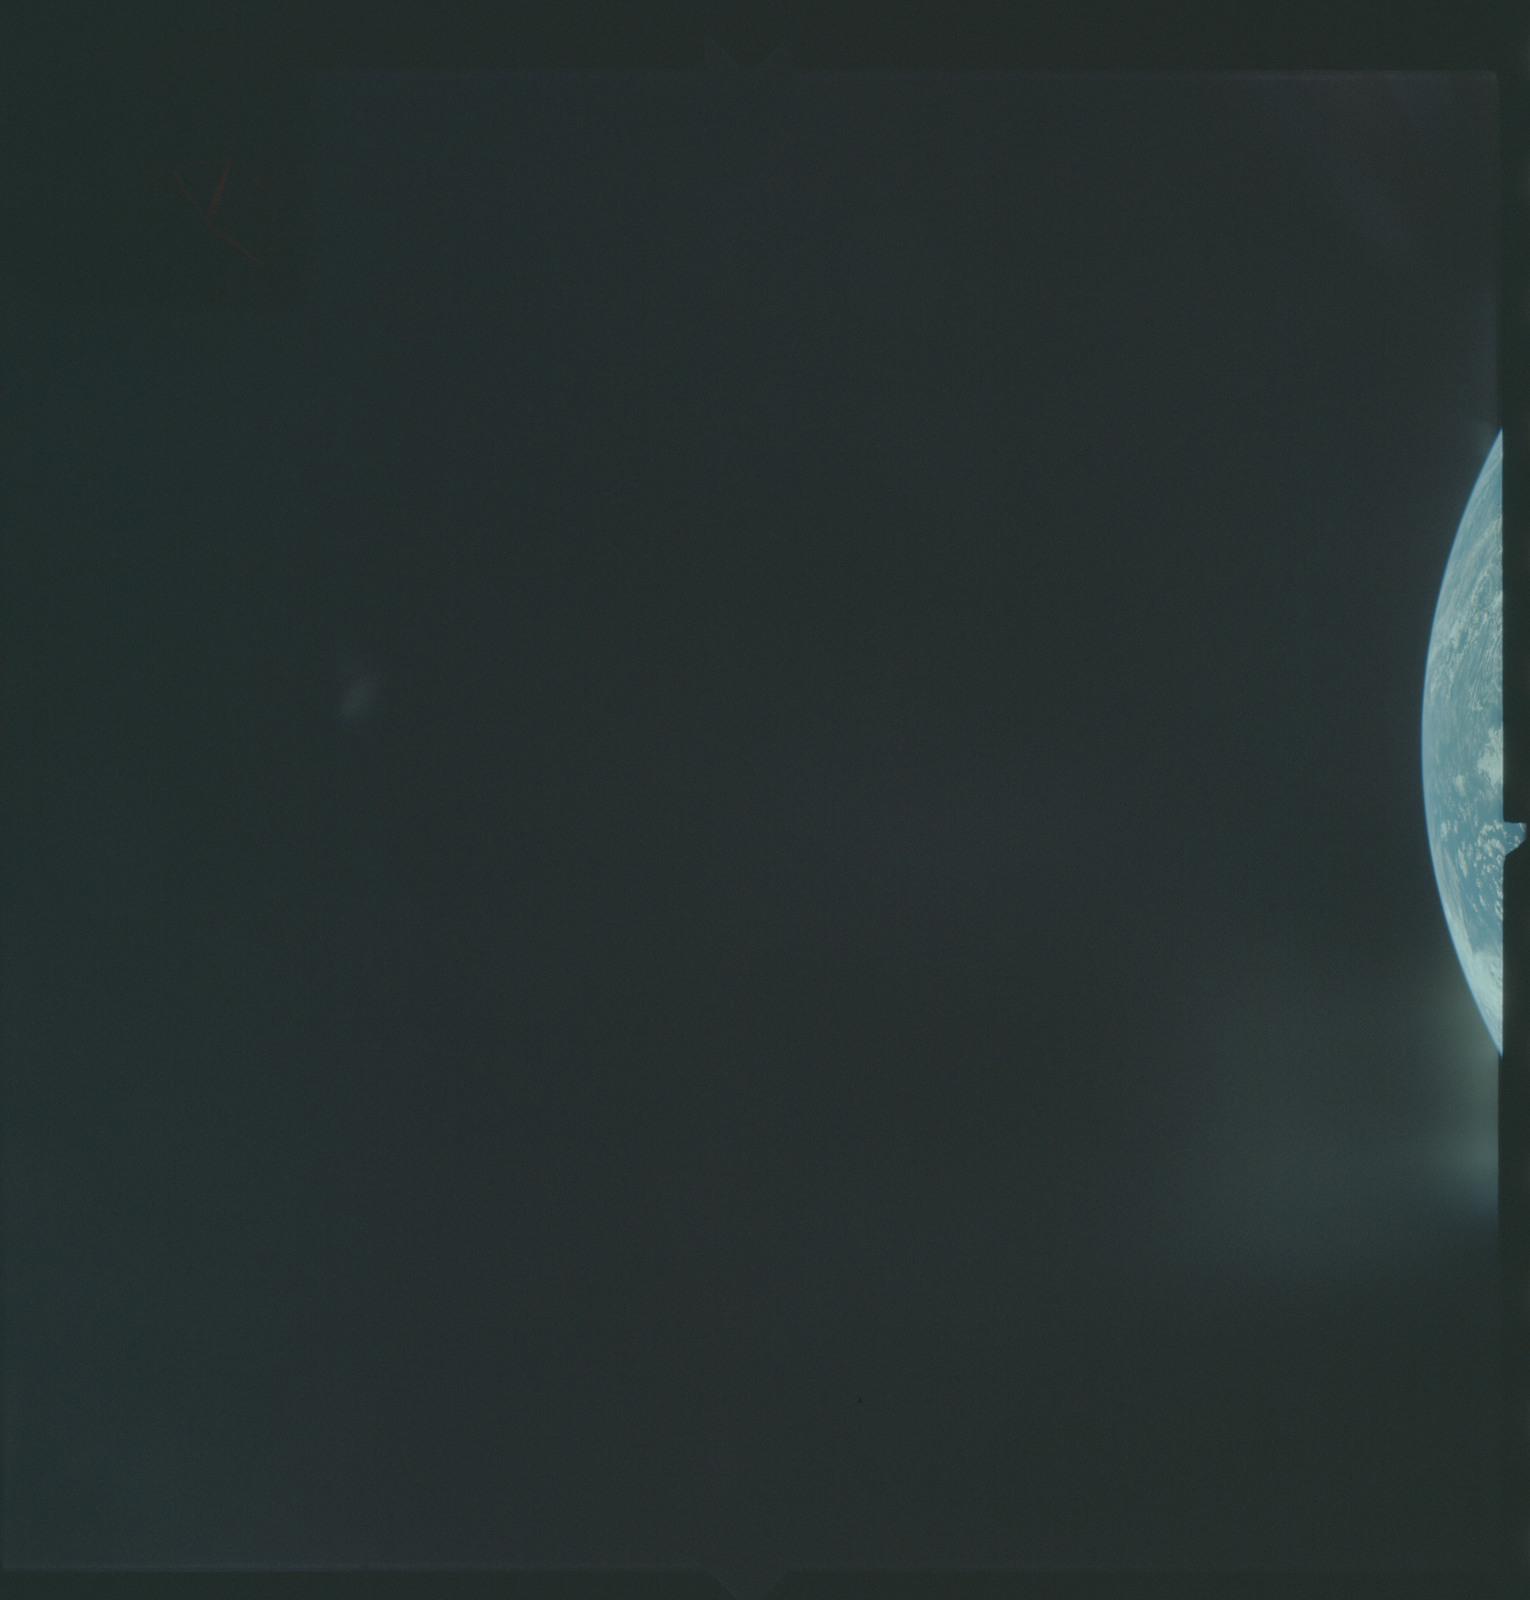 AS04-01-075 - Apollo 4